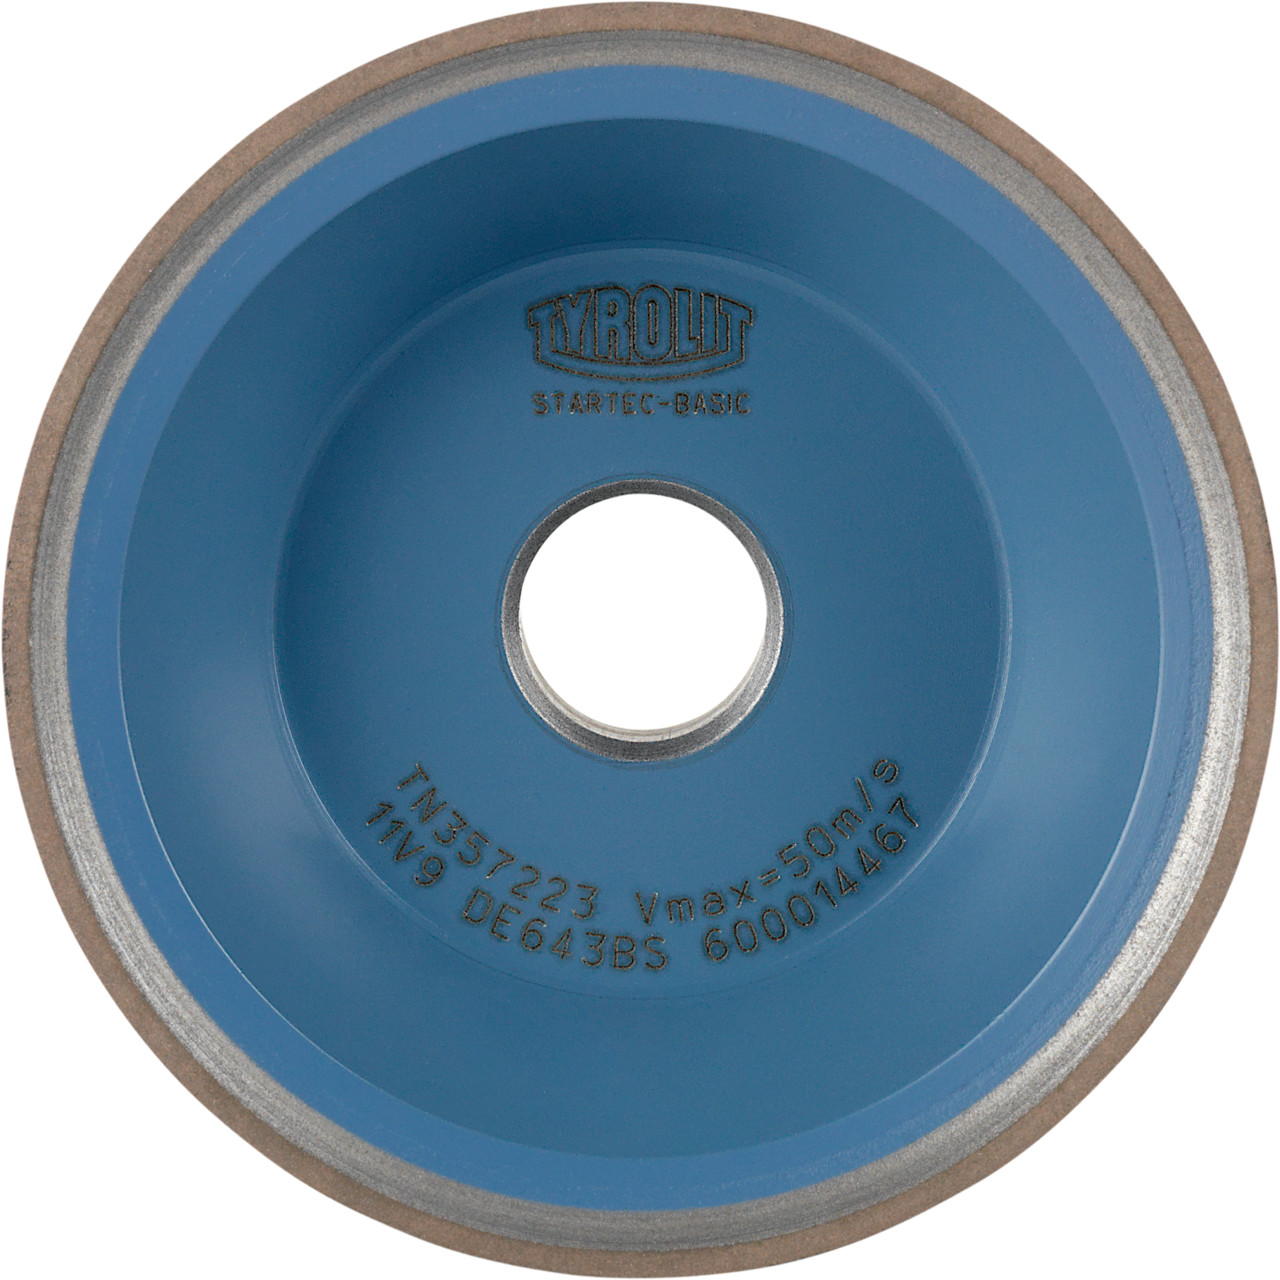 Immagine di Rettifica di utensili CNC con diamante a legante resinoide per la rettifica a umido Per metallo duro